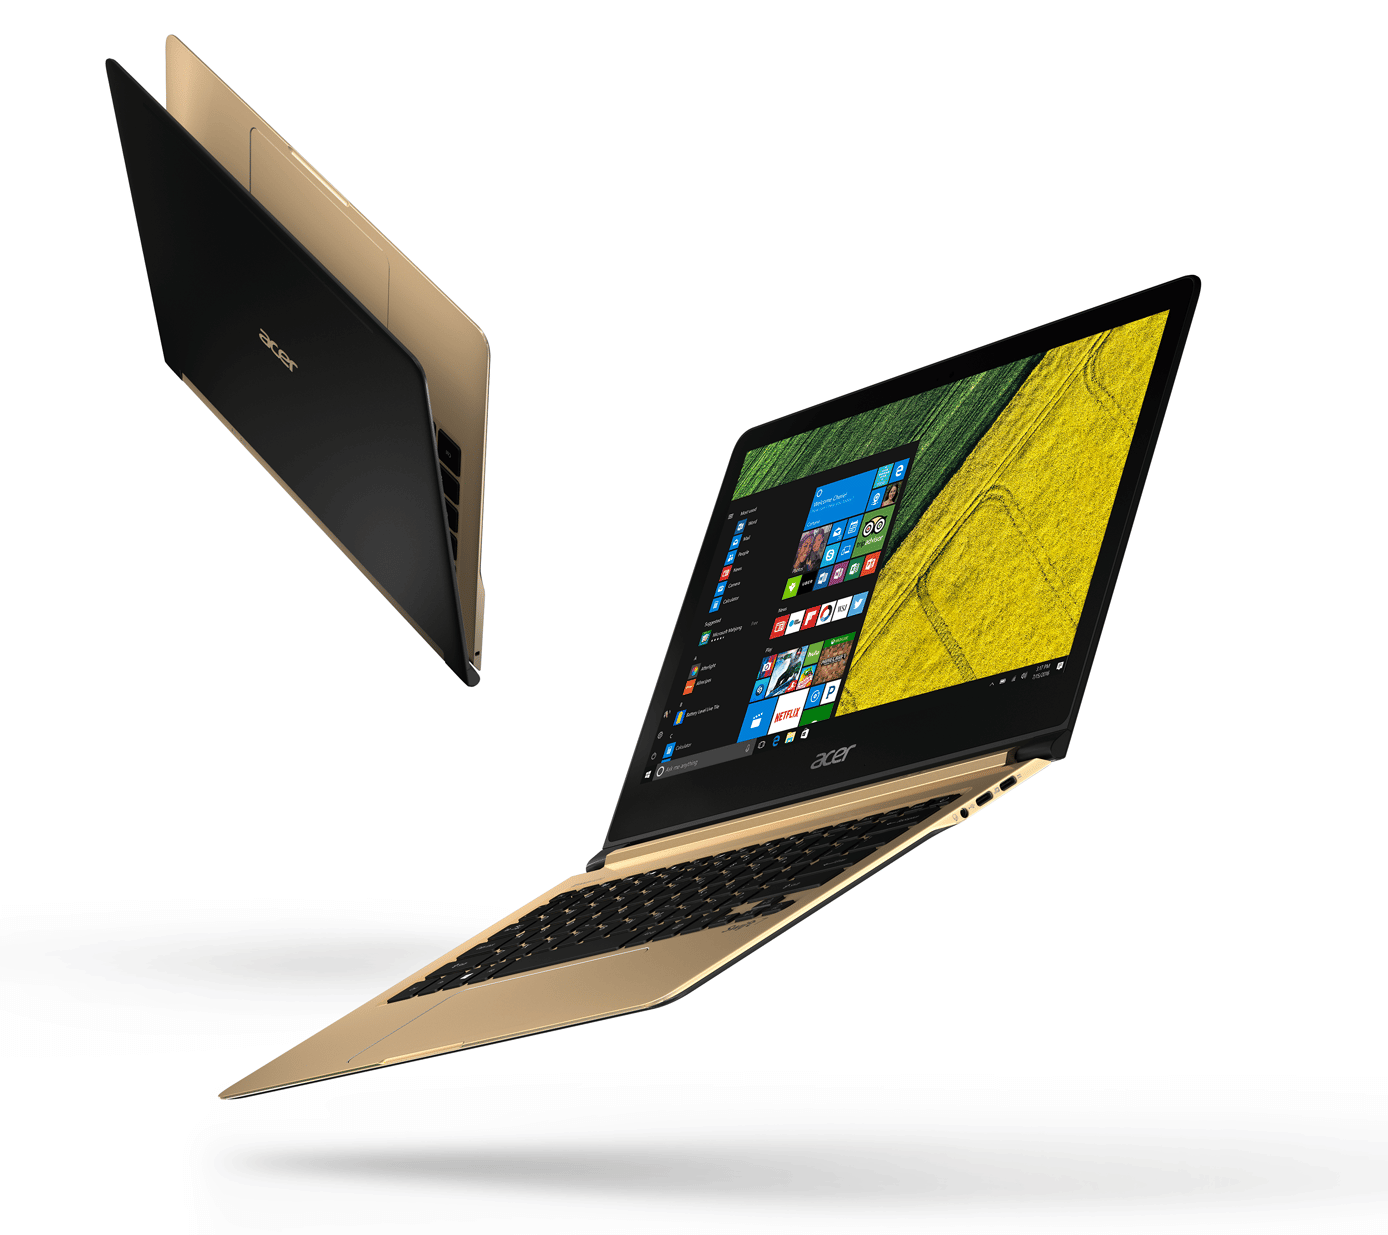 Revue de presse des tests publiés sur le Web (Acer Swift 7 SF713-51)